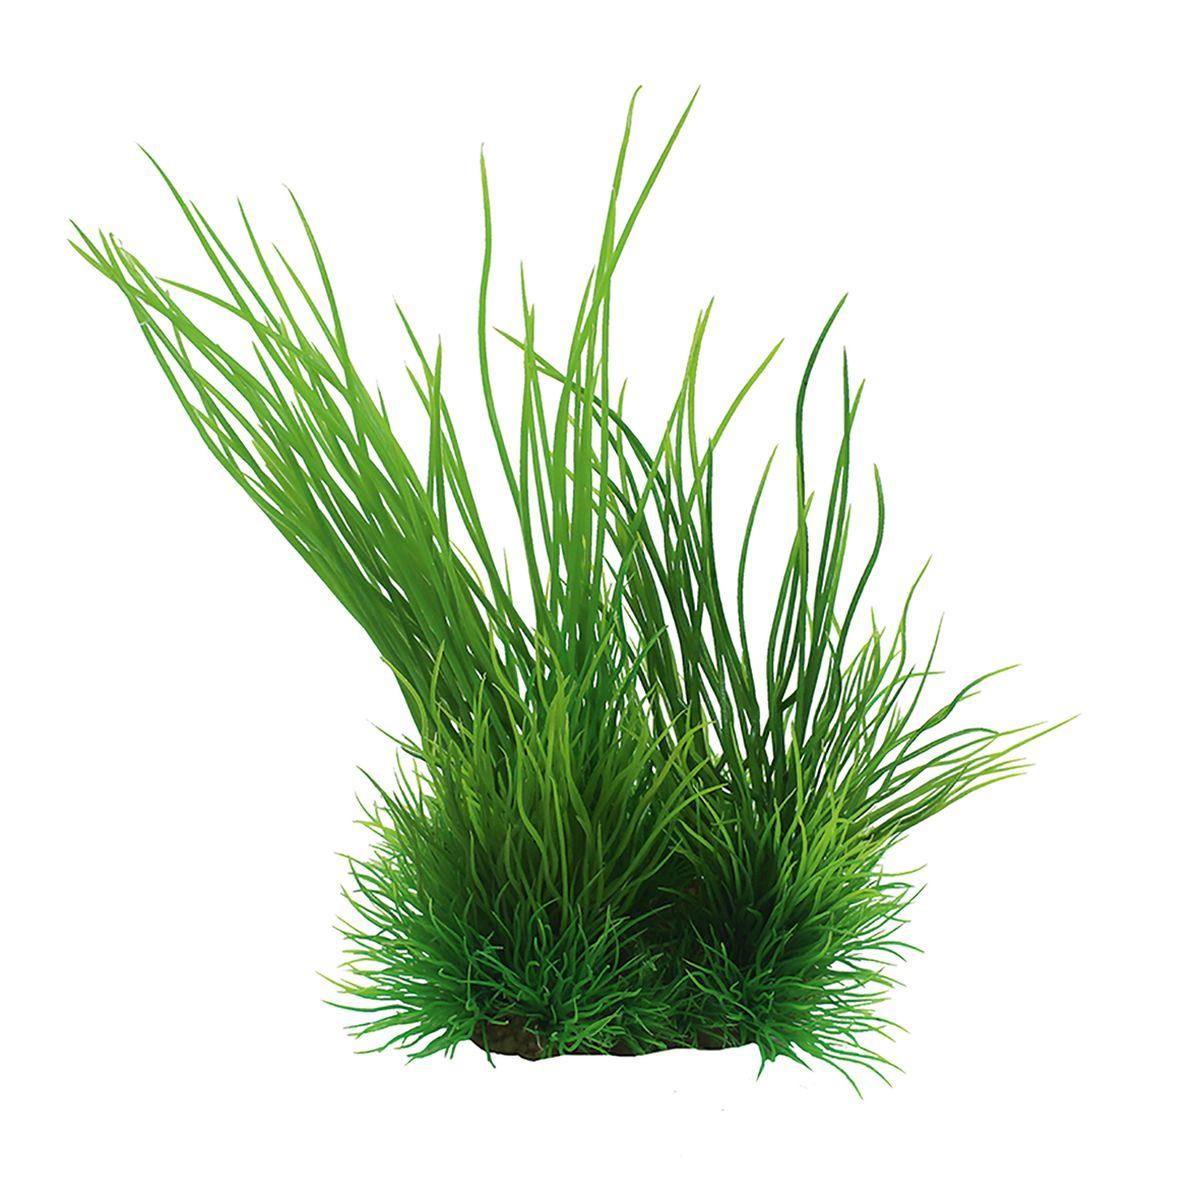 Растение для аквариума ArtUniq Валлиснерия, высота 15 см0120710Композиция из искусственных растений ArtUniq превосходно украсит и оживит аквариум.Растения - это важная часть любой композиции, они помогут вдохнуть жизнь в ландшафт любого аквариума или террариума. А их сходствос природными порадует даже самых взыскательных ценителей.